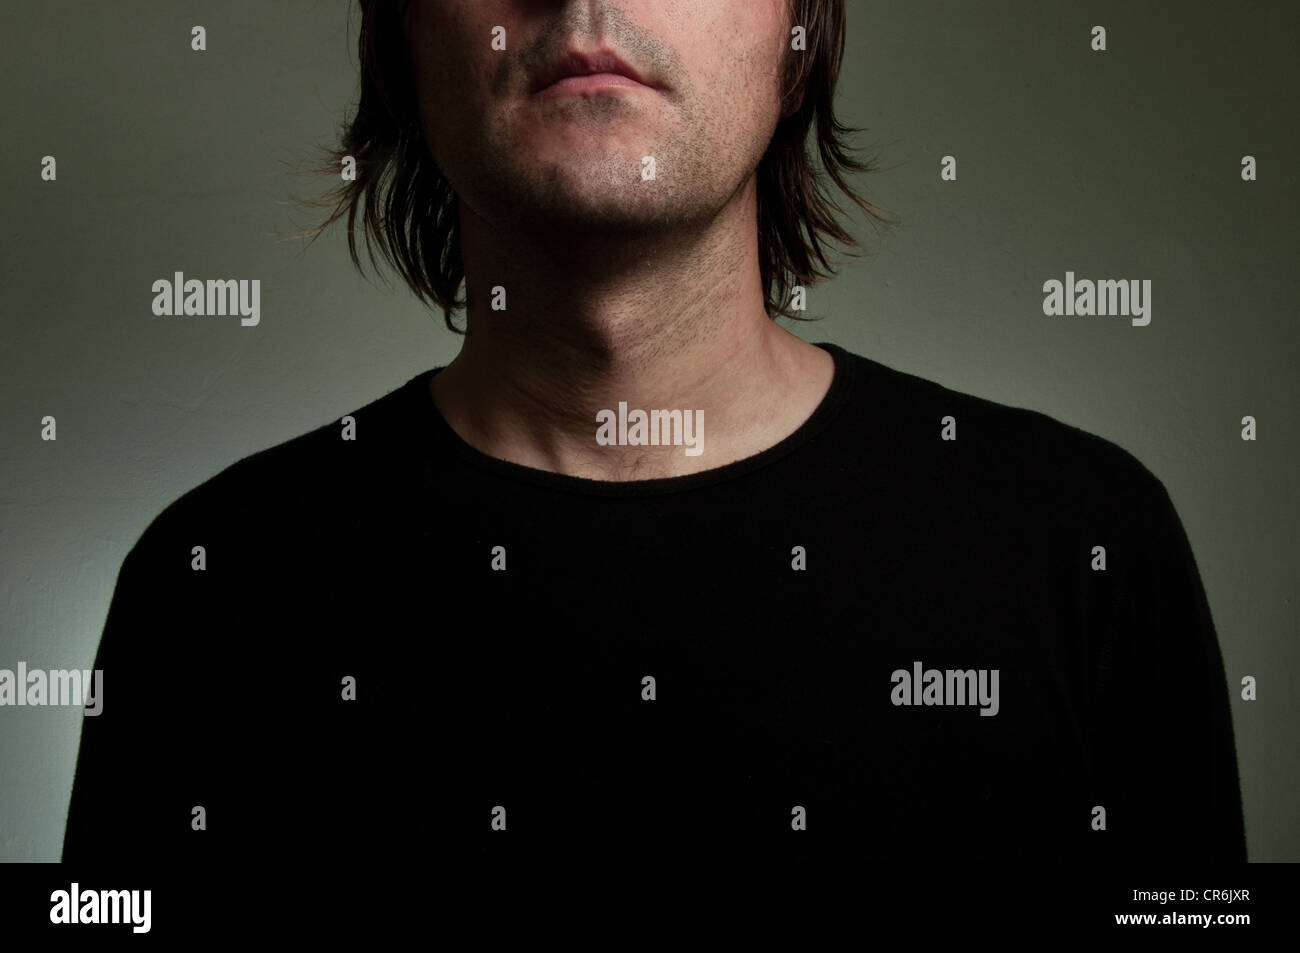 """Uomo che indossa una camicia nera con 'insicurezza"""" titolo sul suo petto. Timidezza, Insicurezza, solitudine Immagini Stock"""